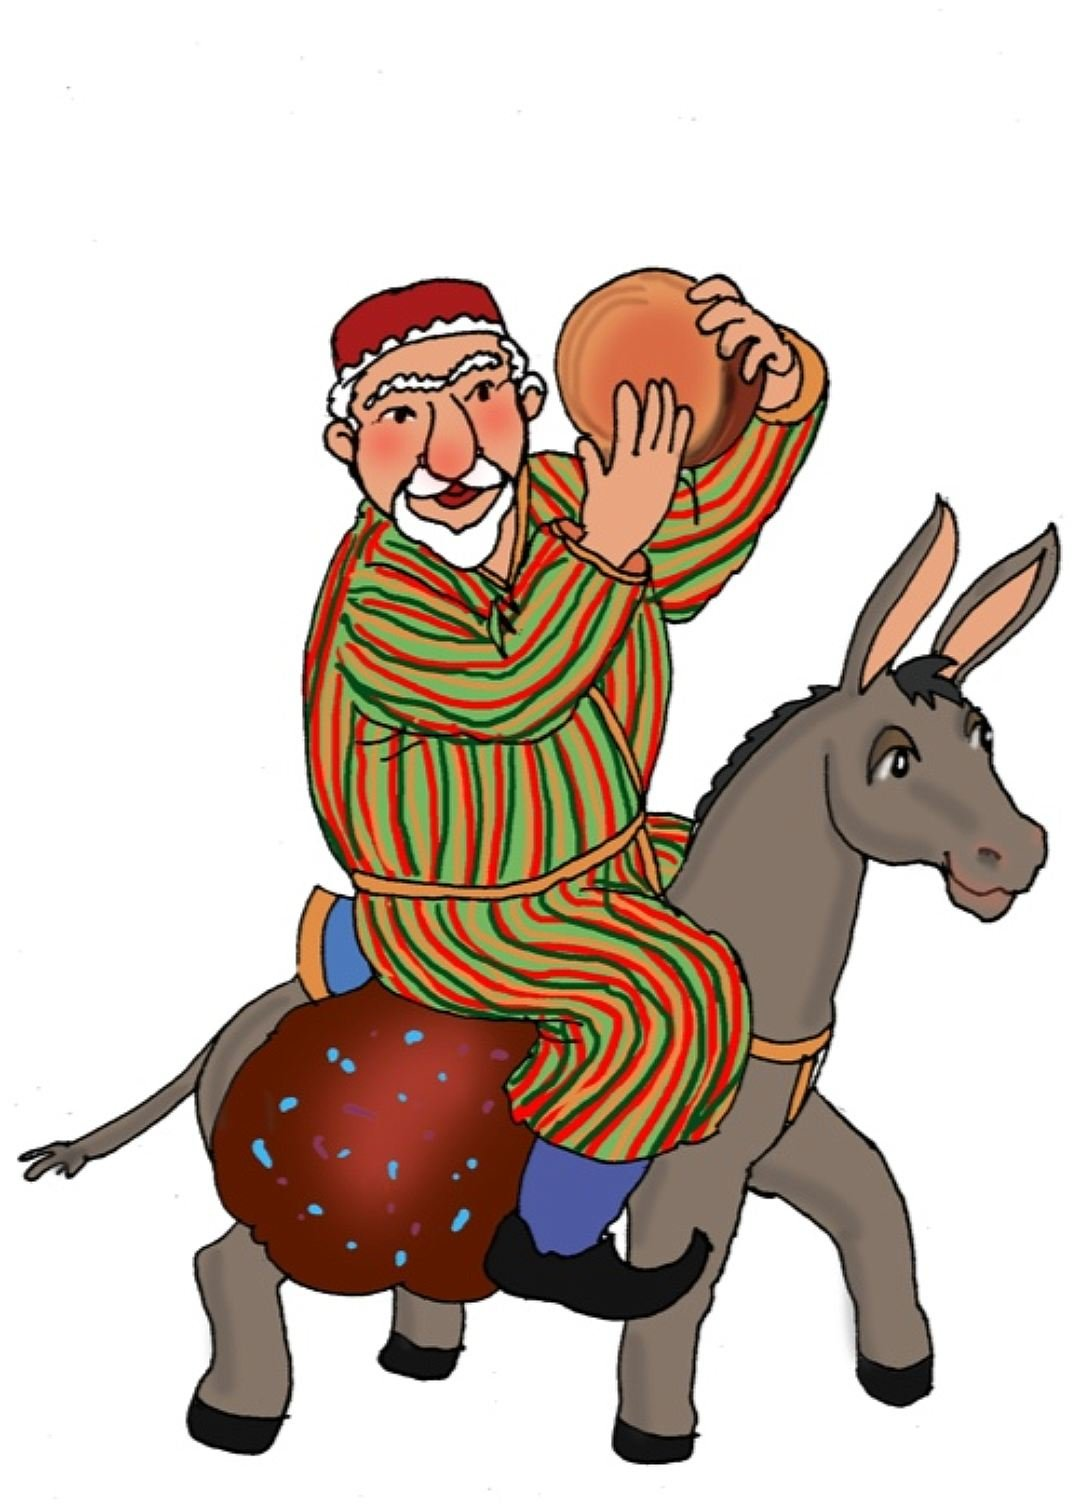 Картинка узбекского деда мороза